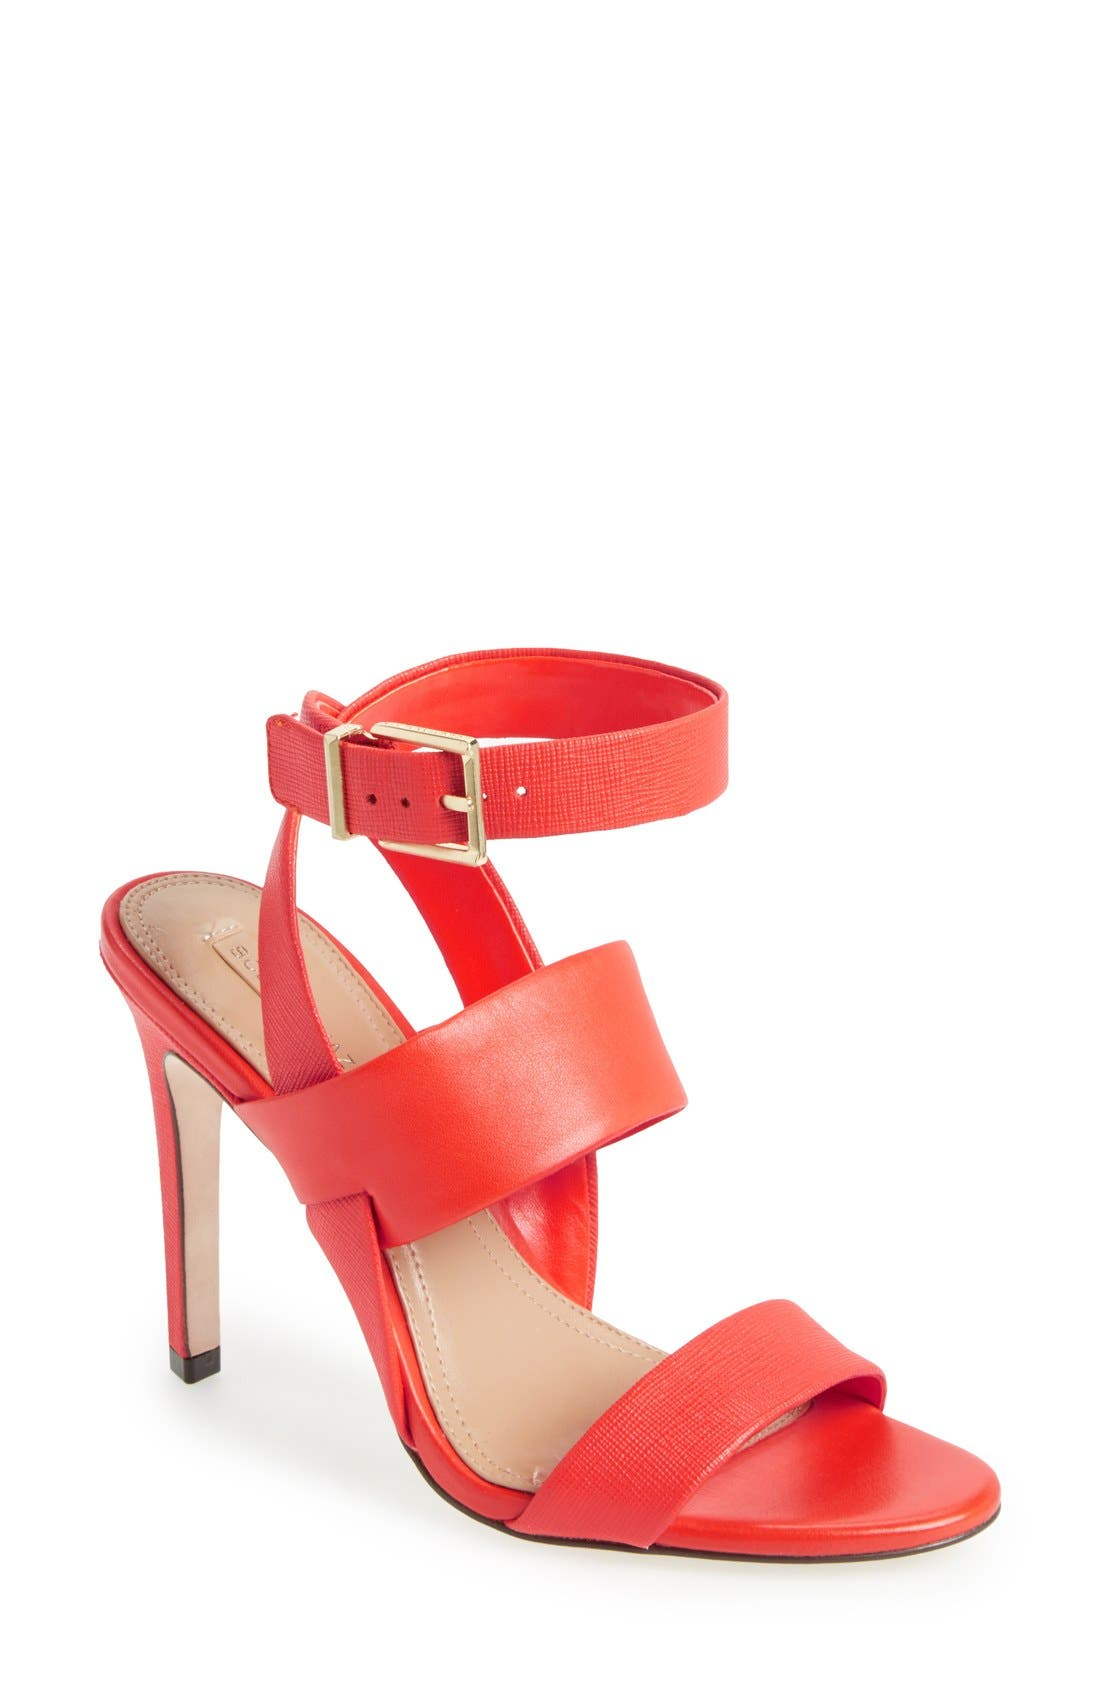 Alternate Image 1 Selected - BCBGMAXAXRIA 'Ricky' Ankle Strap Sandal (Women)